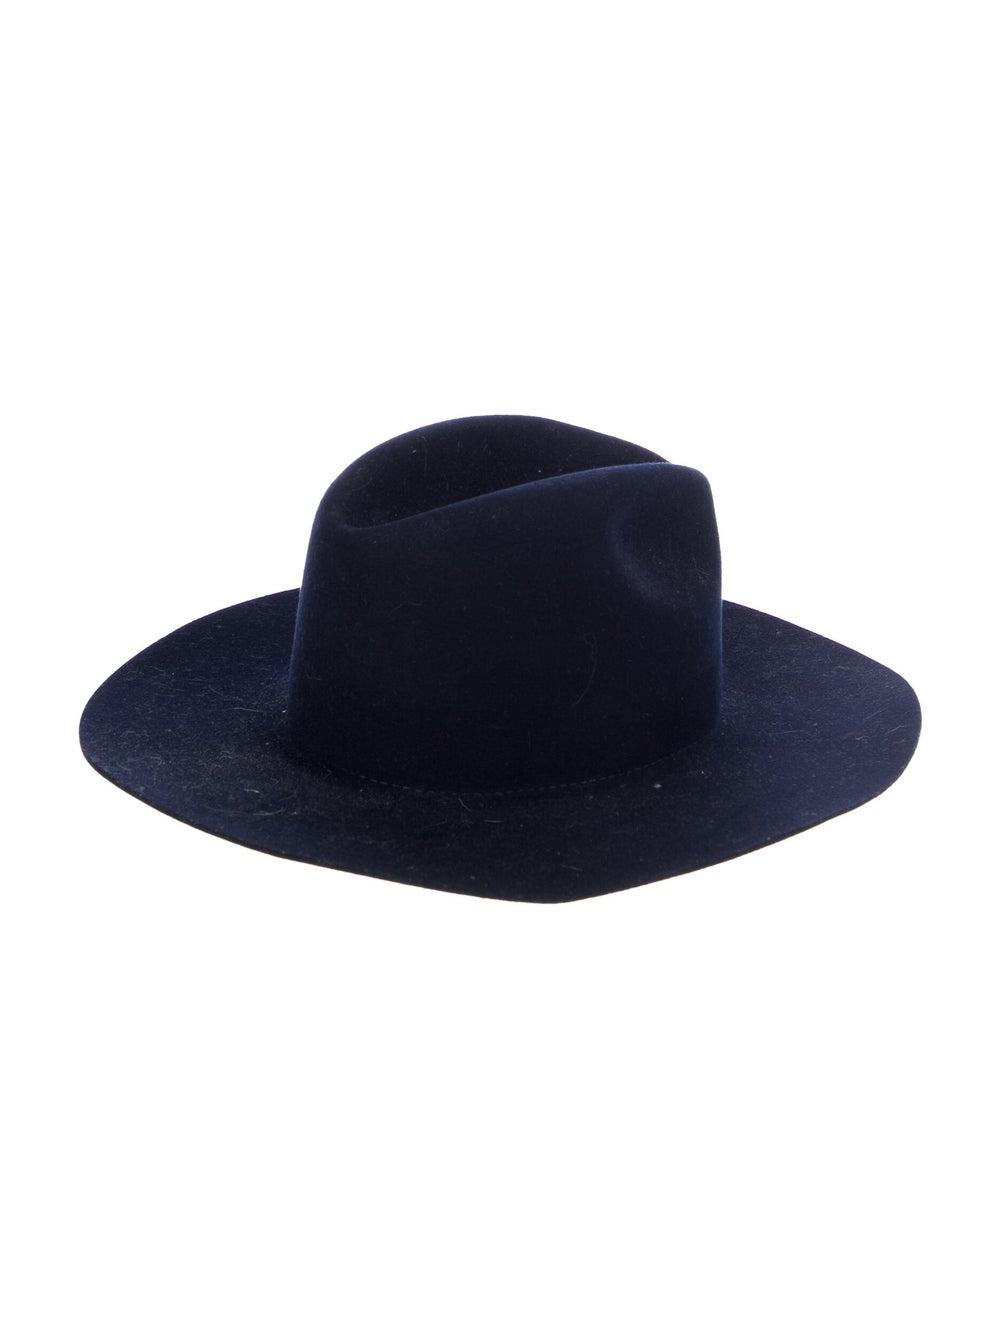 Janessa Leone Wool Wide Brim Hat Navy - image 2